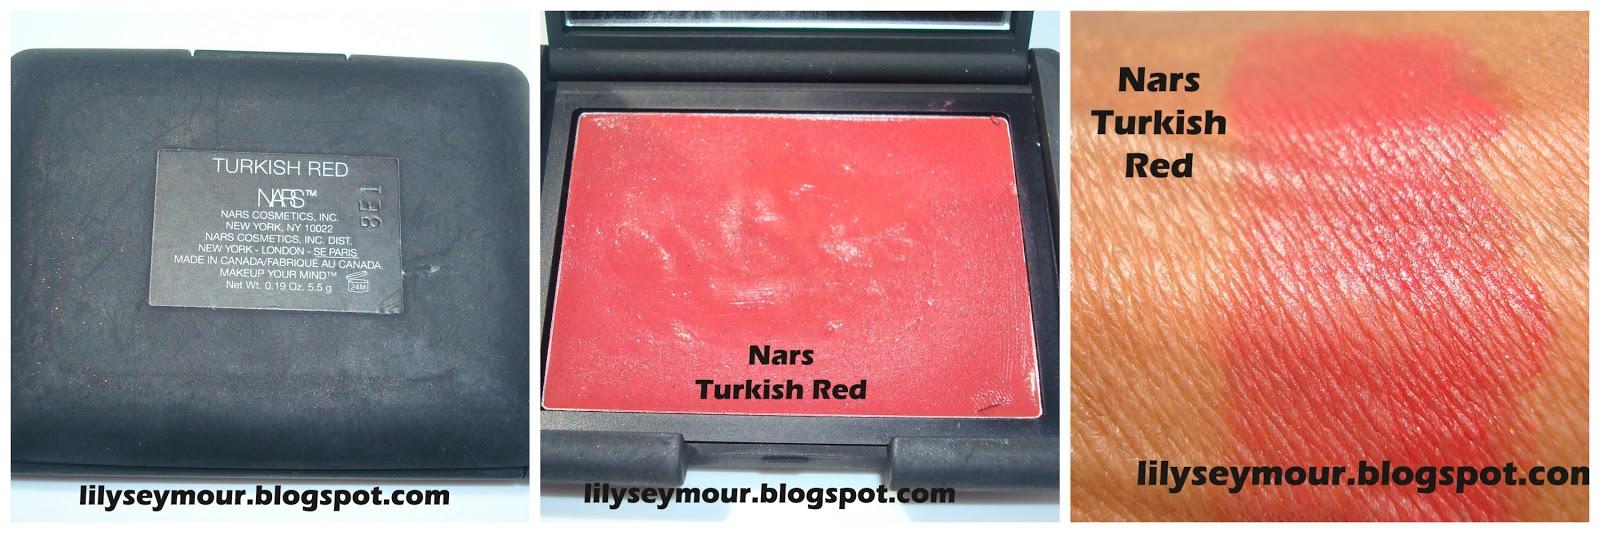 Nars Turkish Red Blush